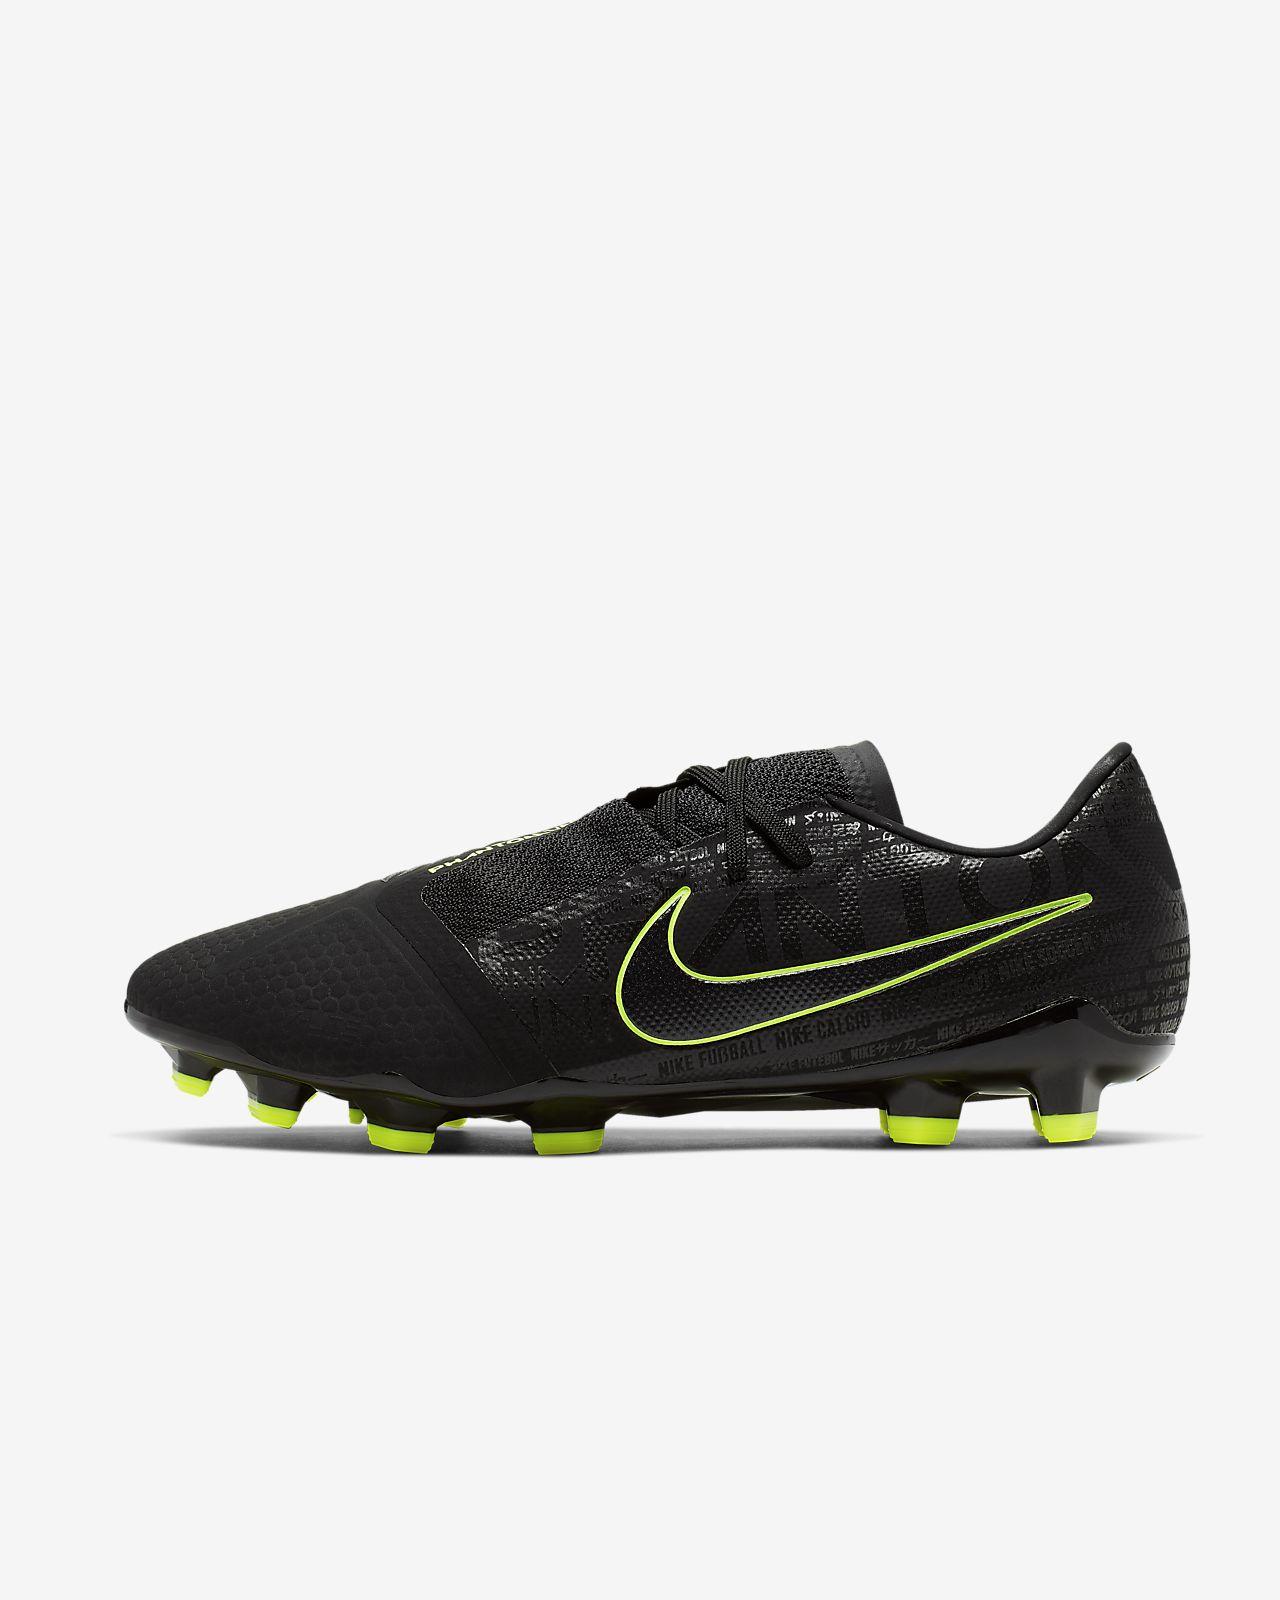 Fotbollssko för gräs Nike Phantom Venom Pro FG